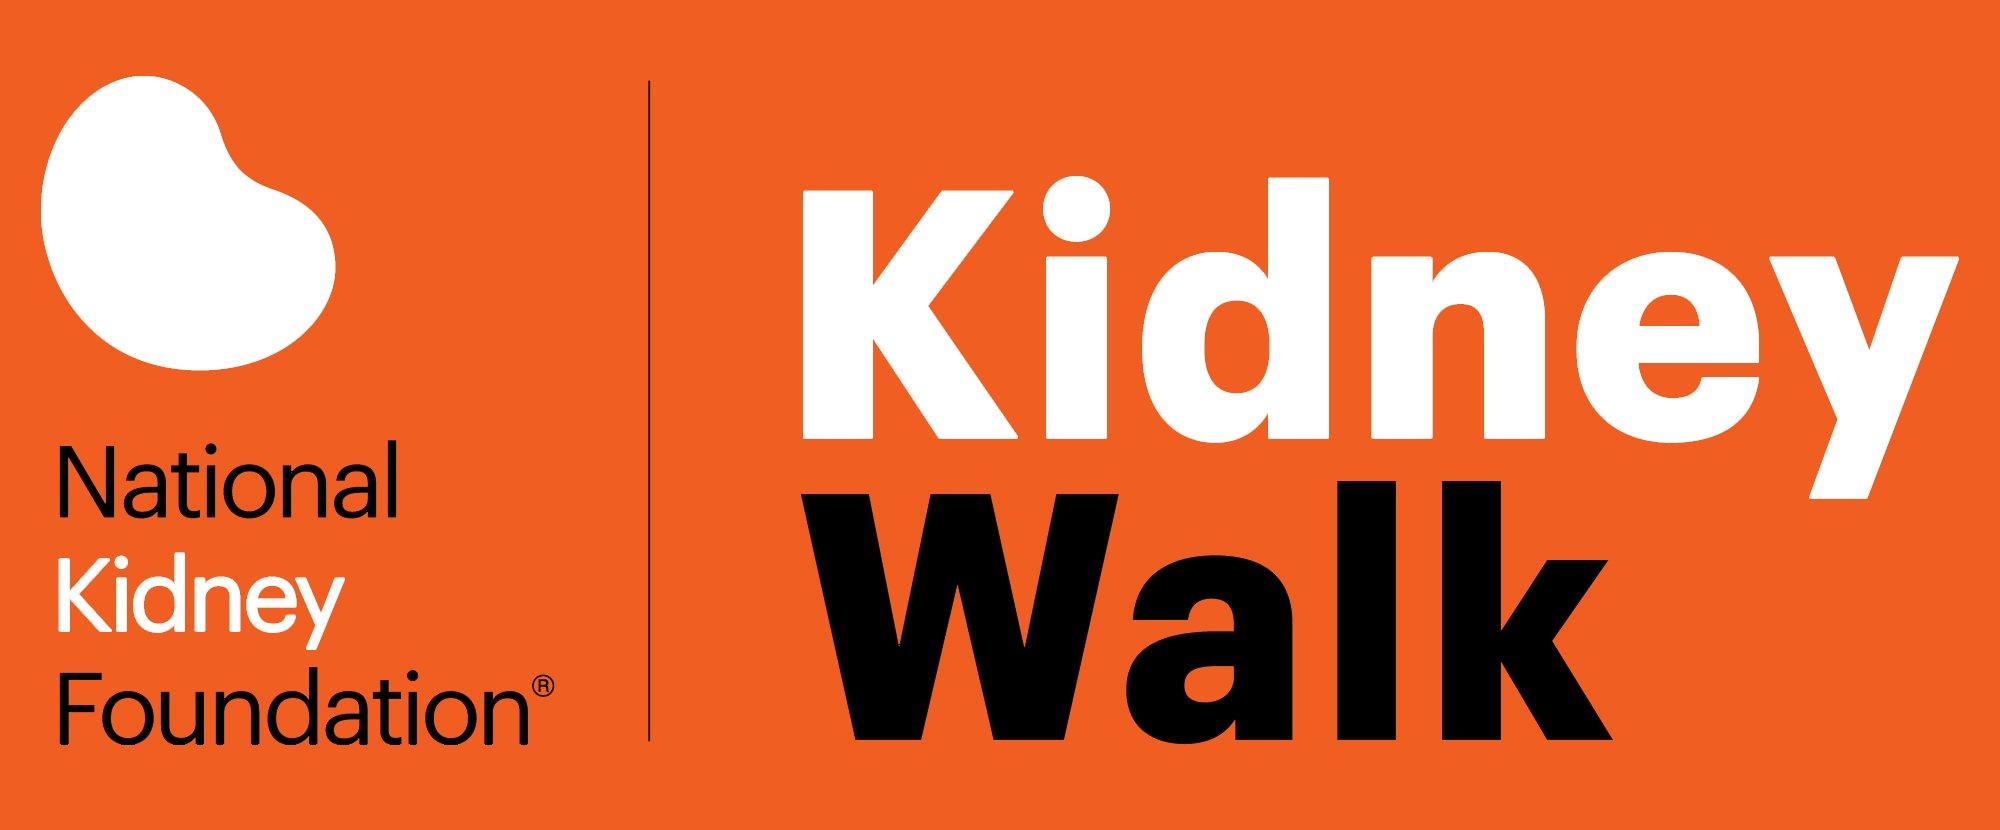 NKF-logo-orange